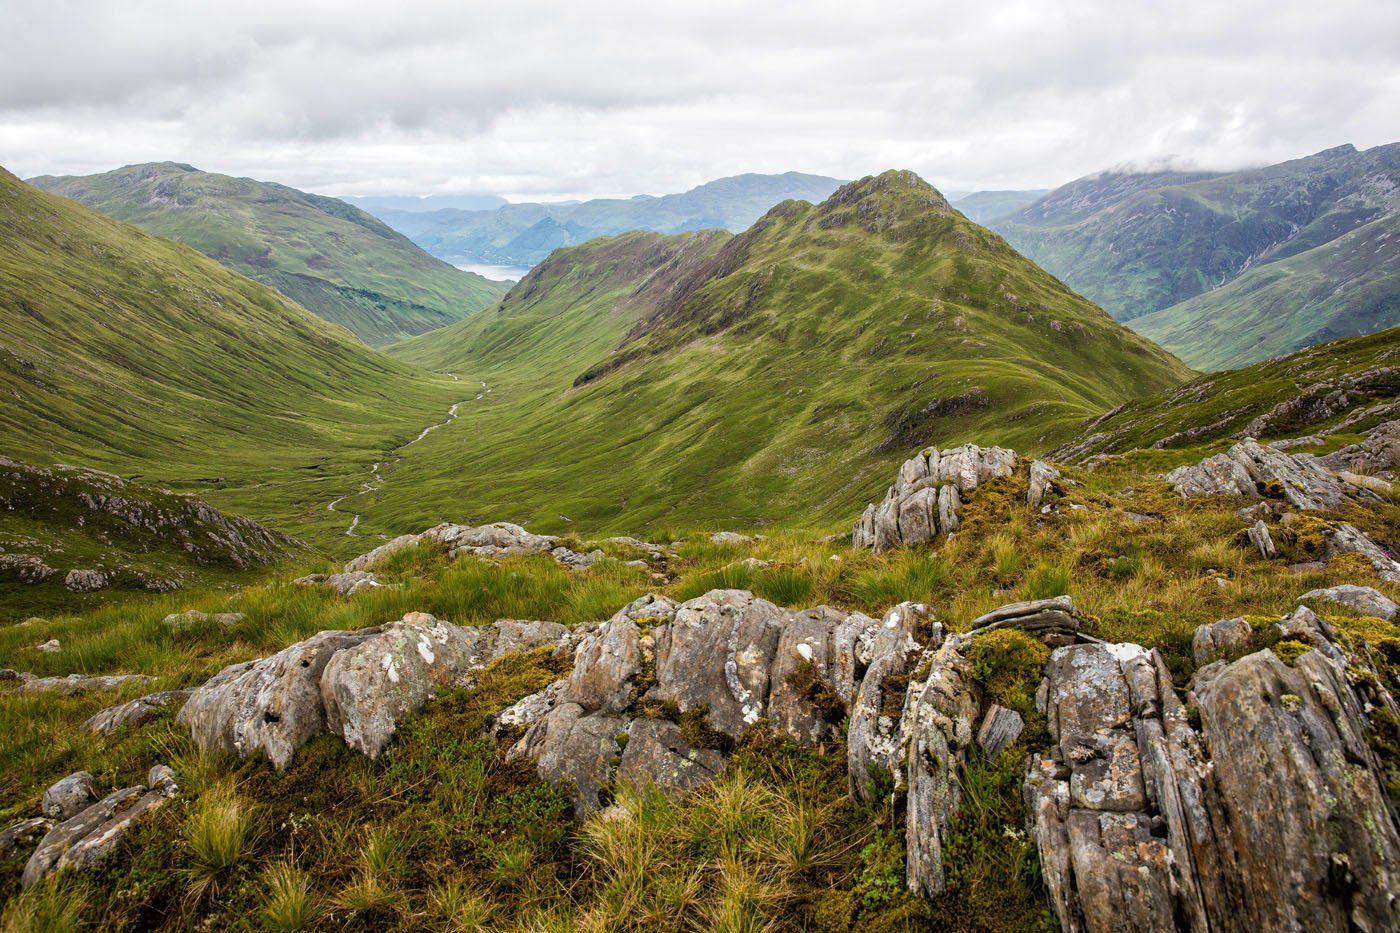 Bagging Munros Scotland